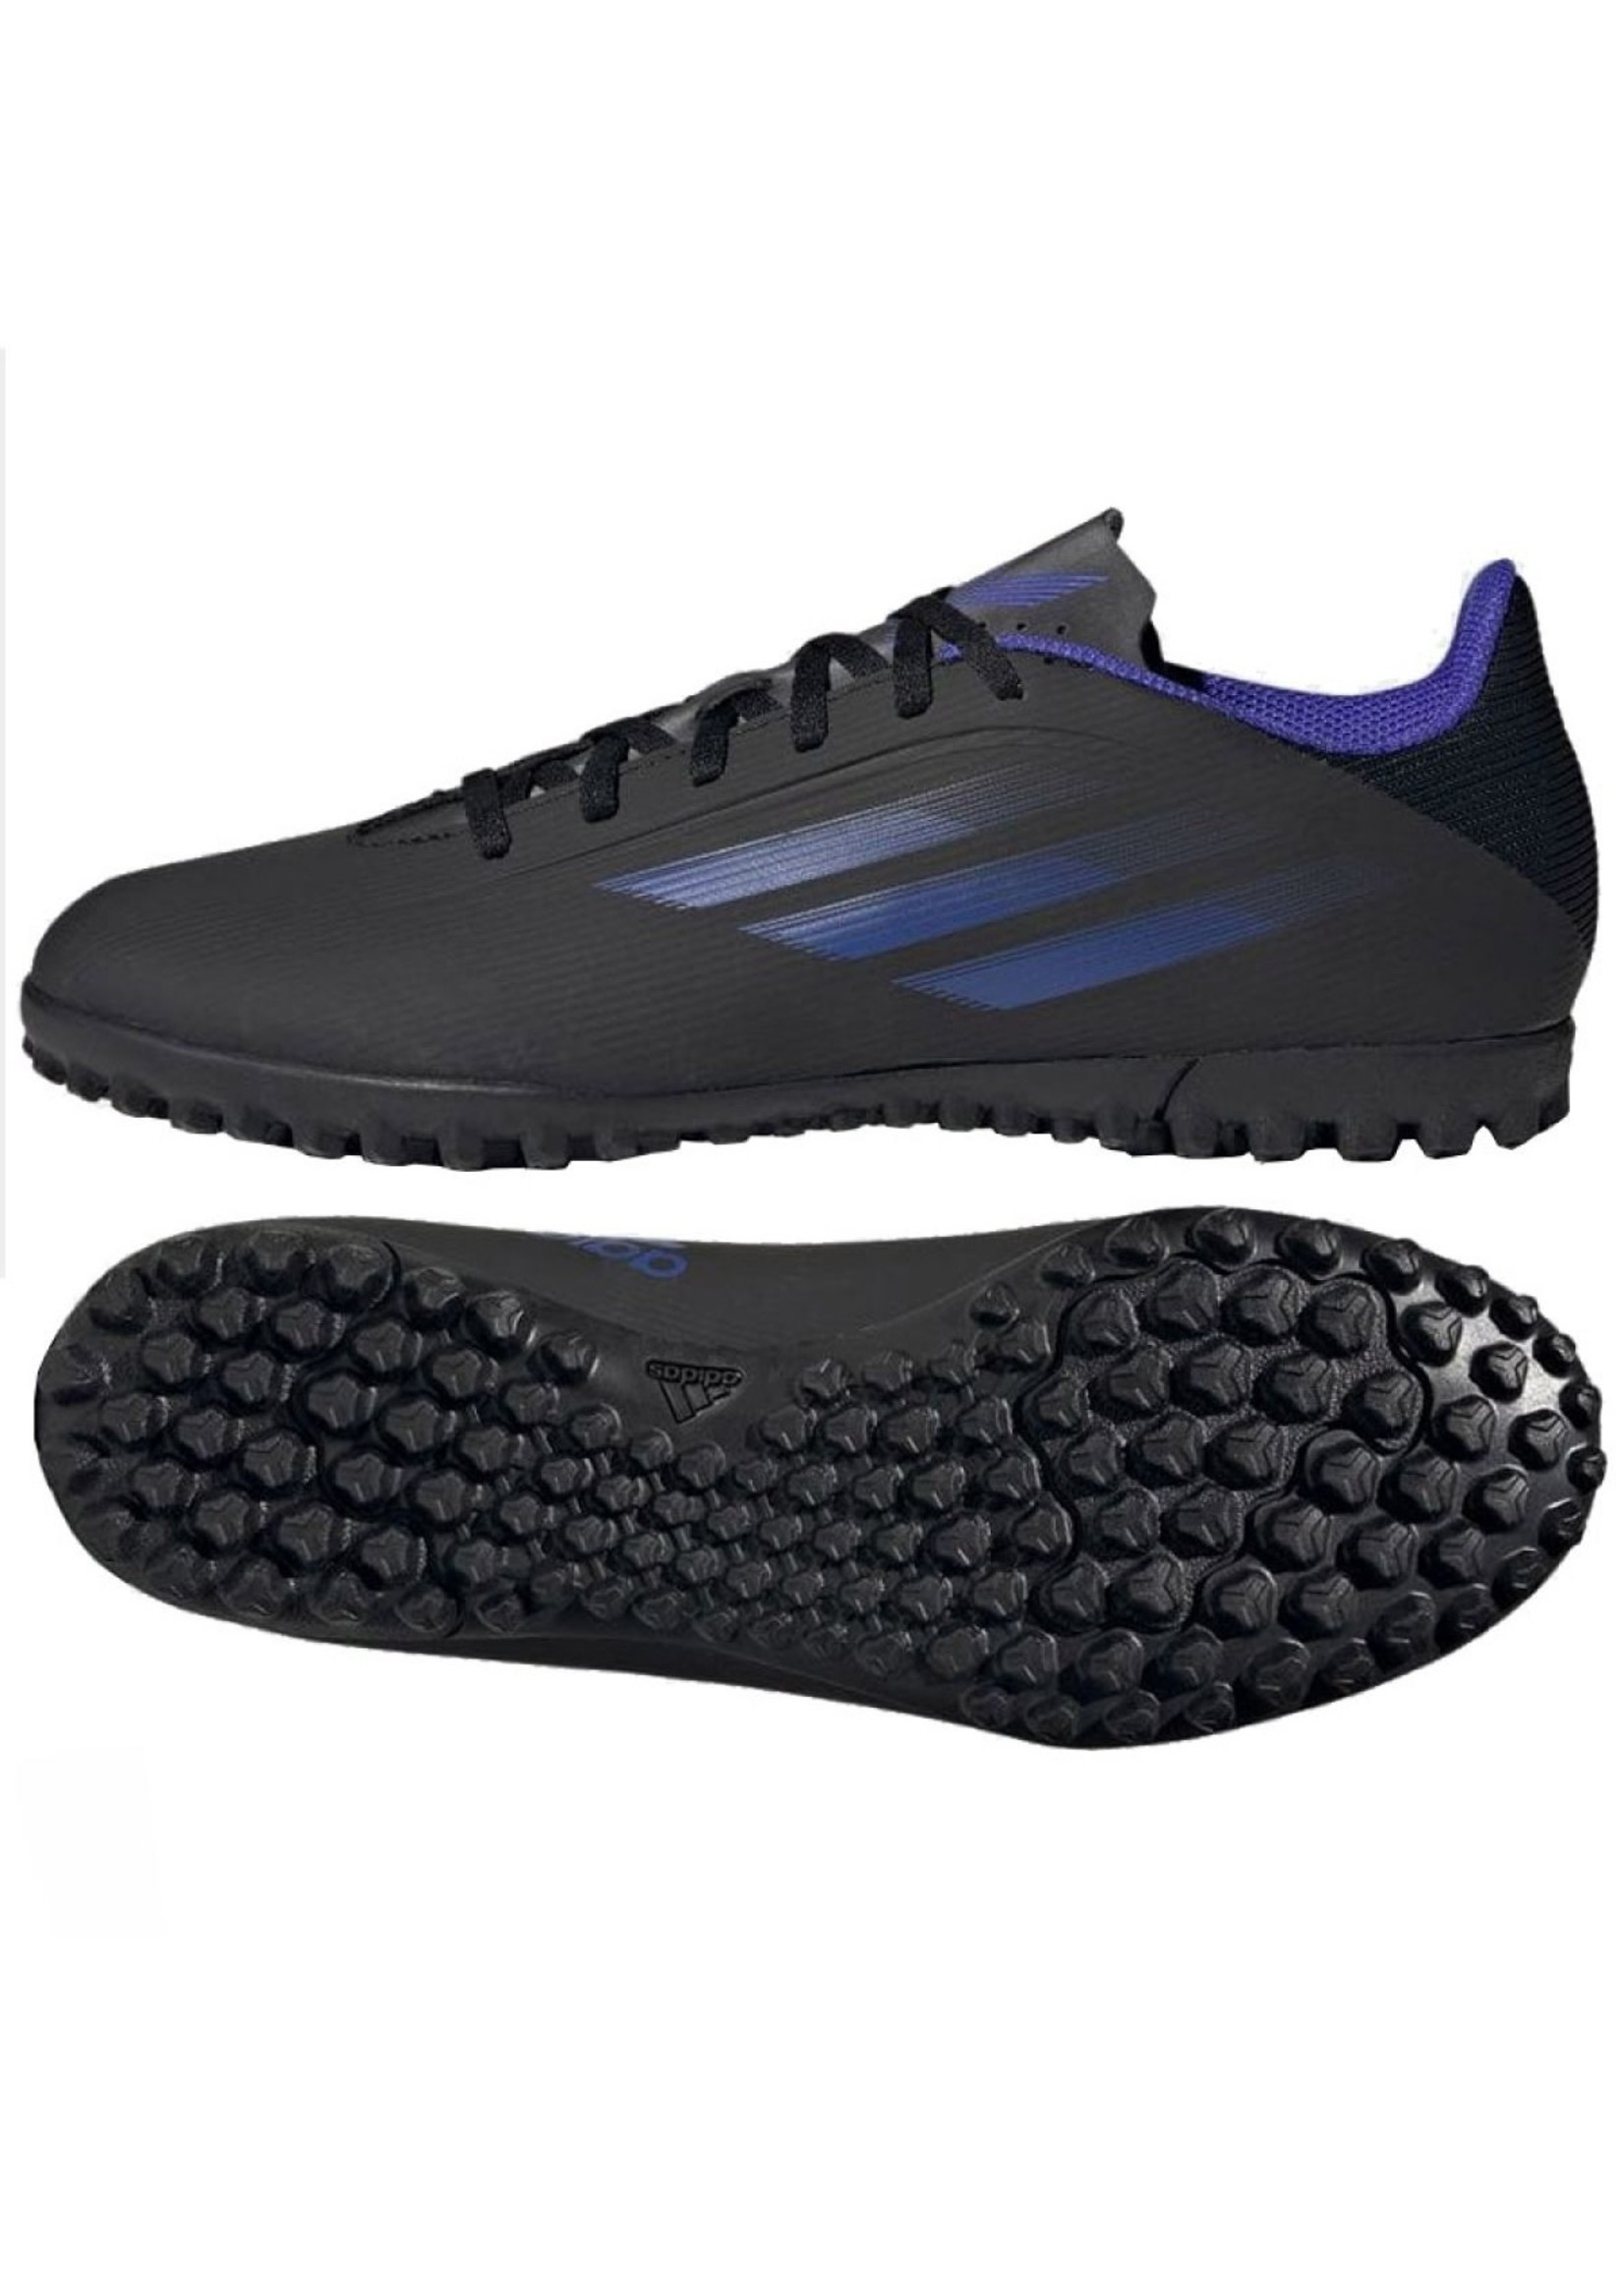 Adidas X SPEEDLOW .4 TF